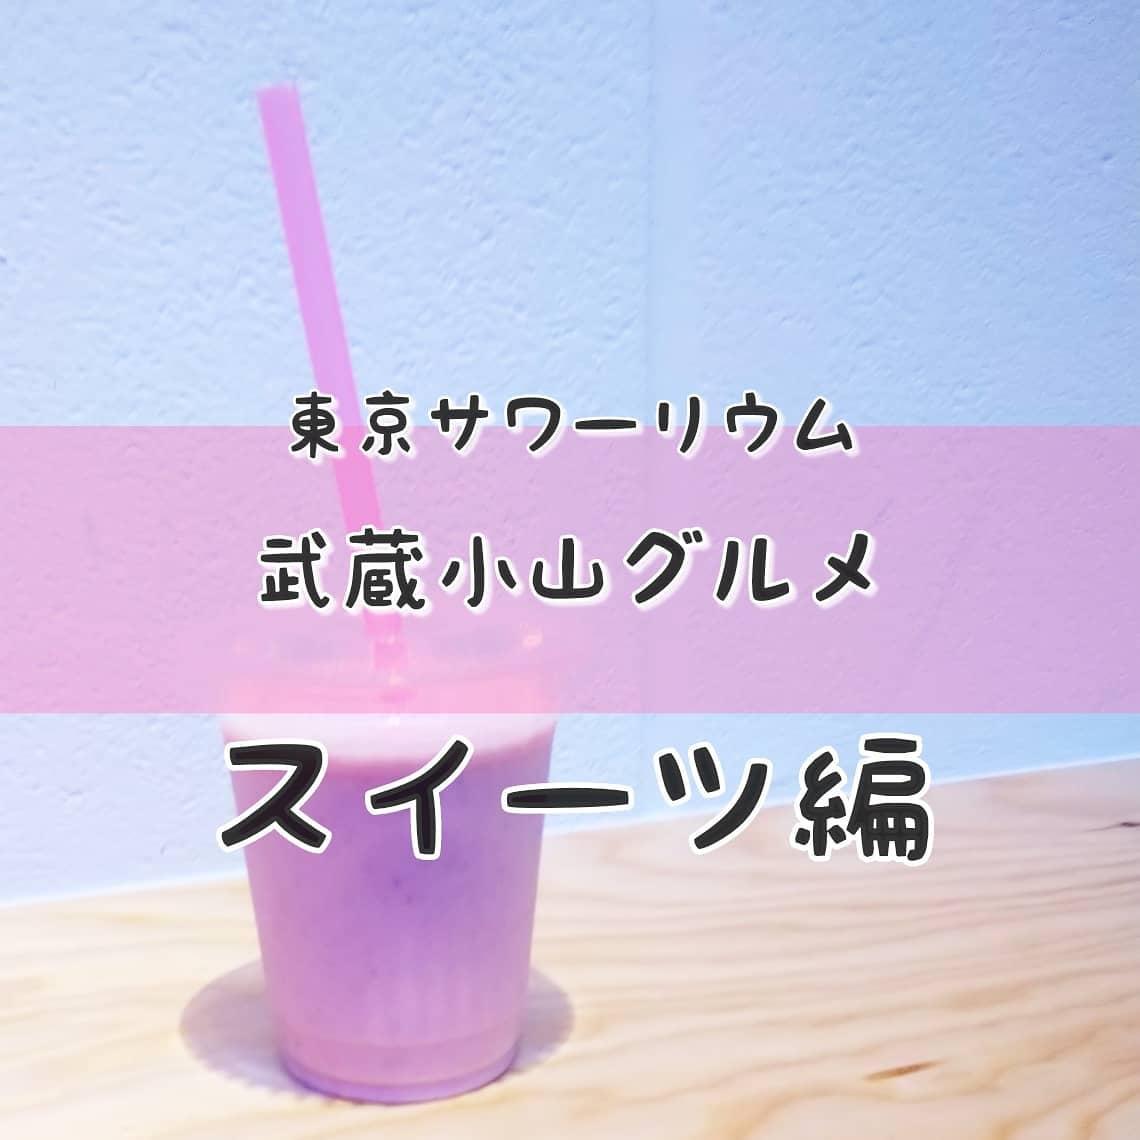 #武蔵小山グルメ情報 #東京サワーリウム #いちごミルク 生しぼりフルーツサワー屋さんが作る特製フレッシュジュース!おもいで度--☆-- #侍猫度マイルド系--☆--スパイシー系あっさり系--☆--コッテリ系シンプル系--☆--ゴロゴロ系オールド系--☆--ニュー系国産いちごの酸味とミルクがフレッシュに仕上がったいちごミルクだね!フレッシュジュースしか今はないけどもコロナ自粛が終わるとフレッシュサワーが始まるみたいですな。今のところ6月グランドオープン予定だって!どうやら武蔵小山ってハイサワーの博水社本社があるからサワーの聖地らしい…場所は、駅出てすぐタワマンの麓だね。武蔵小山グルメ情報まとめブログ〜本店〜→https://musashikoyama.samuraicat.jp/※本店だと地図見やすくなっとります。#武蔵小山 #武蔵小山情報 #武蔵小山ランチ #ランチ #グルメ #武蔵小山商店街 #武蔵小山パルム #武蔵小山商店街パルム #武蔵小山駅 #武蔵小山グルメ #武蔵小山ランチ #武蔵小山ディナー #武蔵小山食事 #武蔵小山モーニング #東京 #東京グルメ #東京 #東京グルメ  #musashikoyama #tokyofood #tokyo #苺牛乳